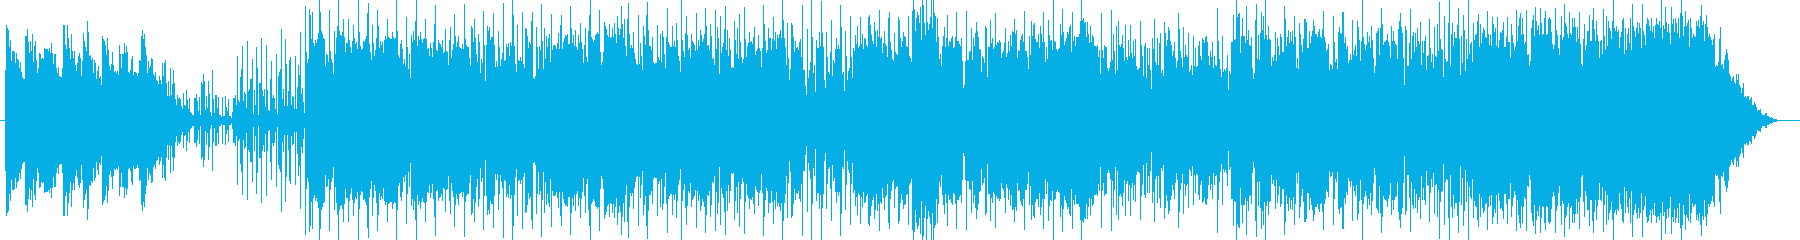 お洒落なフュージョンポップの再生済みの波形